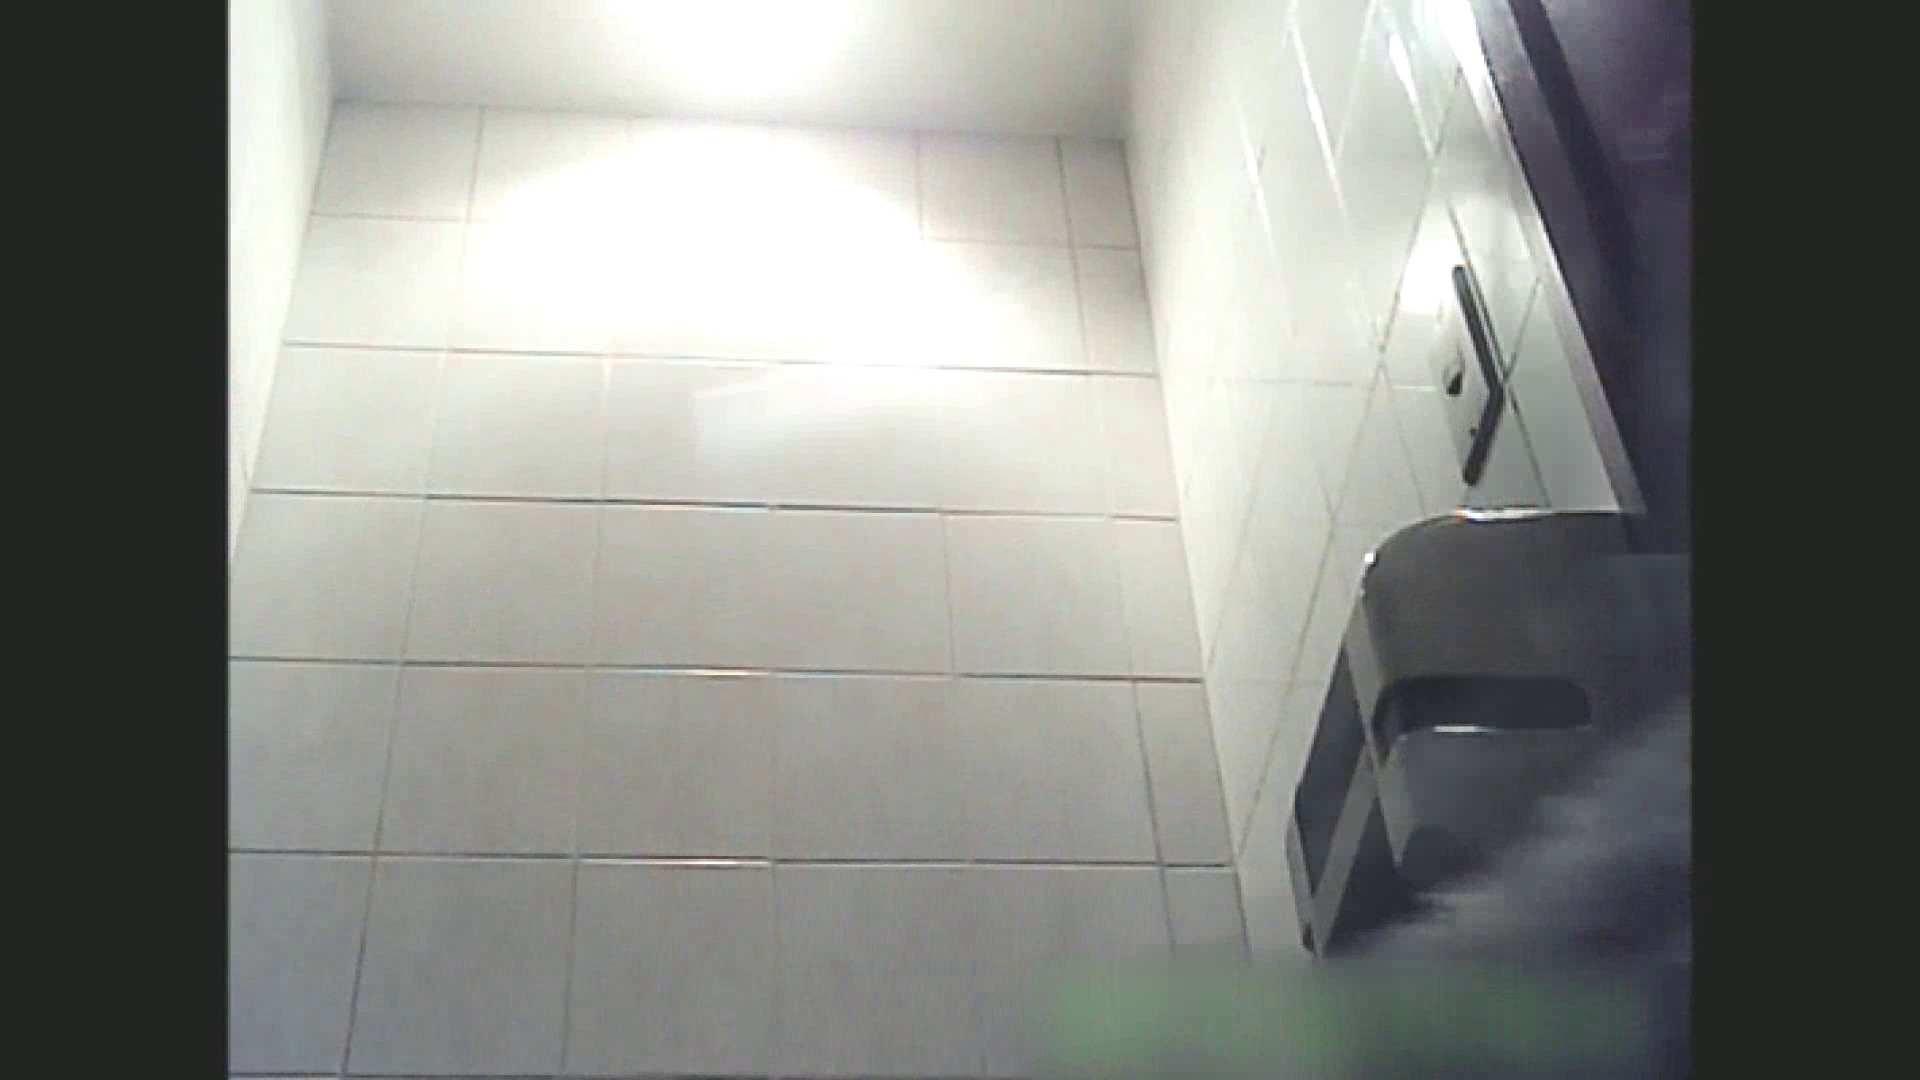 実録!!綺麗なお姉さんのトイレ事情・・・。vol.1 OLすけべ画像  78連発 60